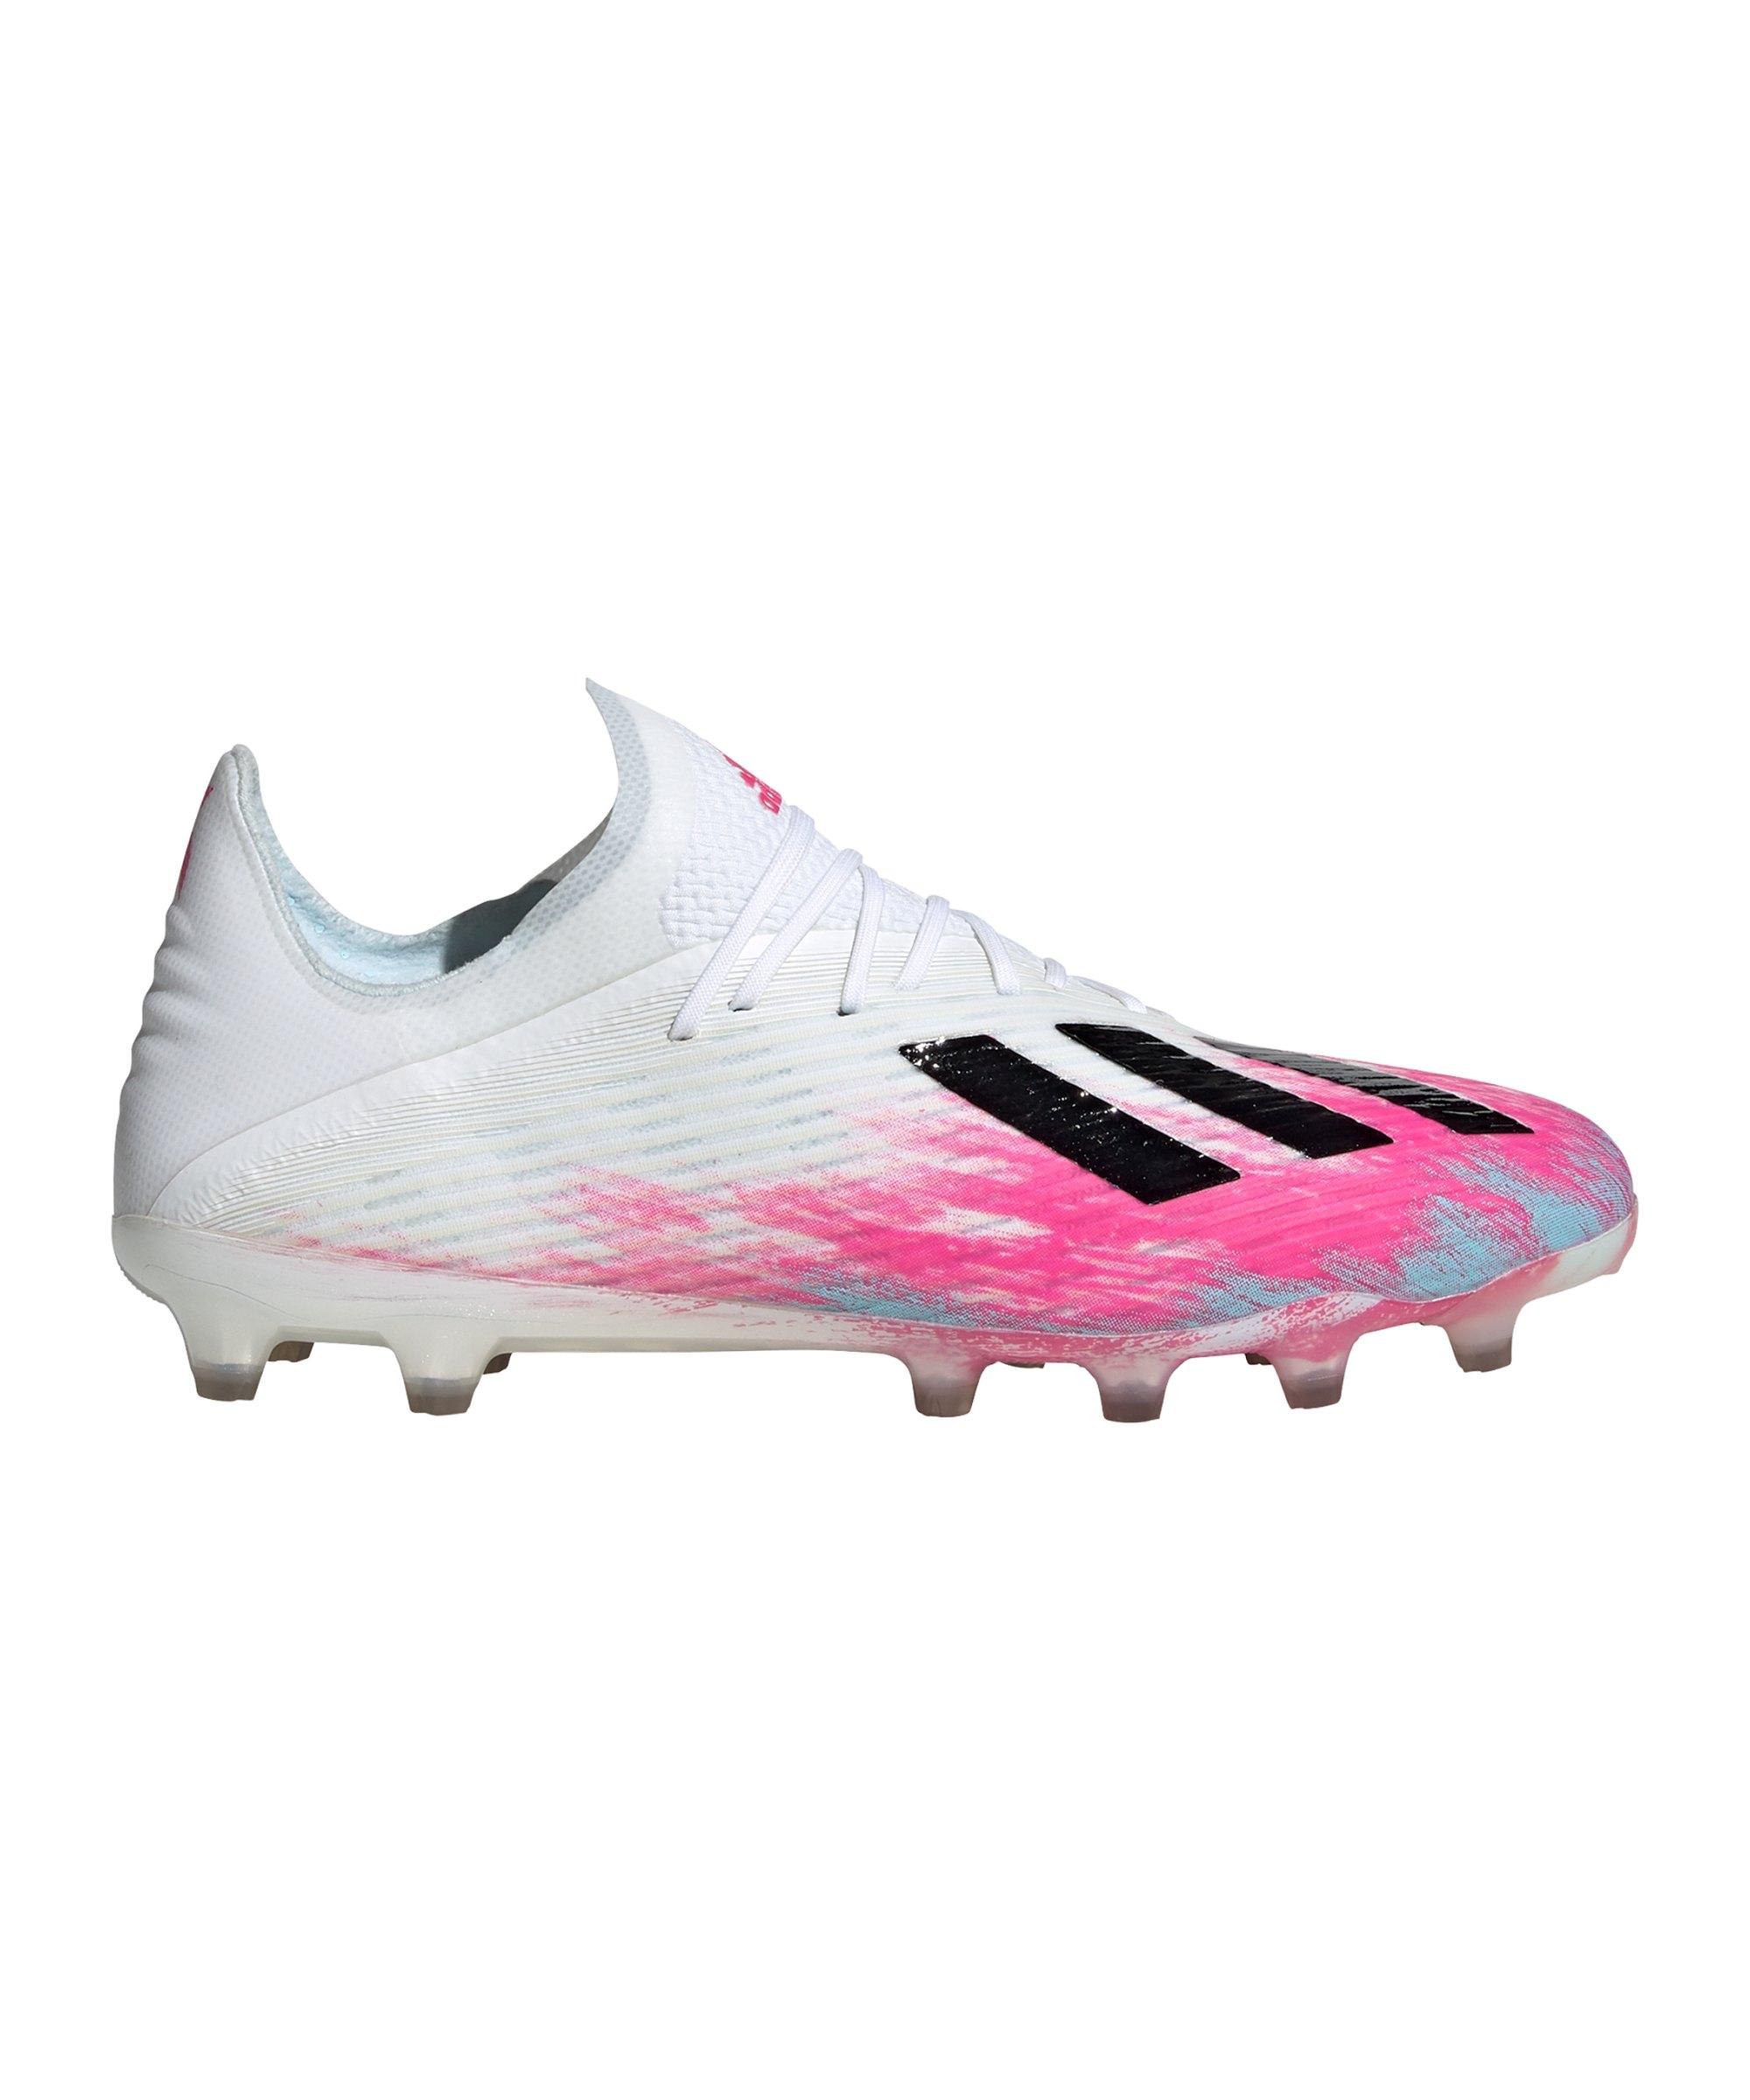 adidas X Uniforia 19.1 AG Weiss Pink - weiss